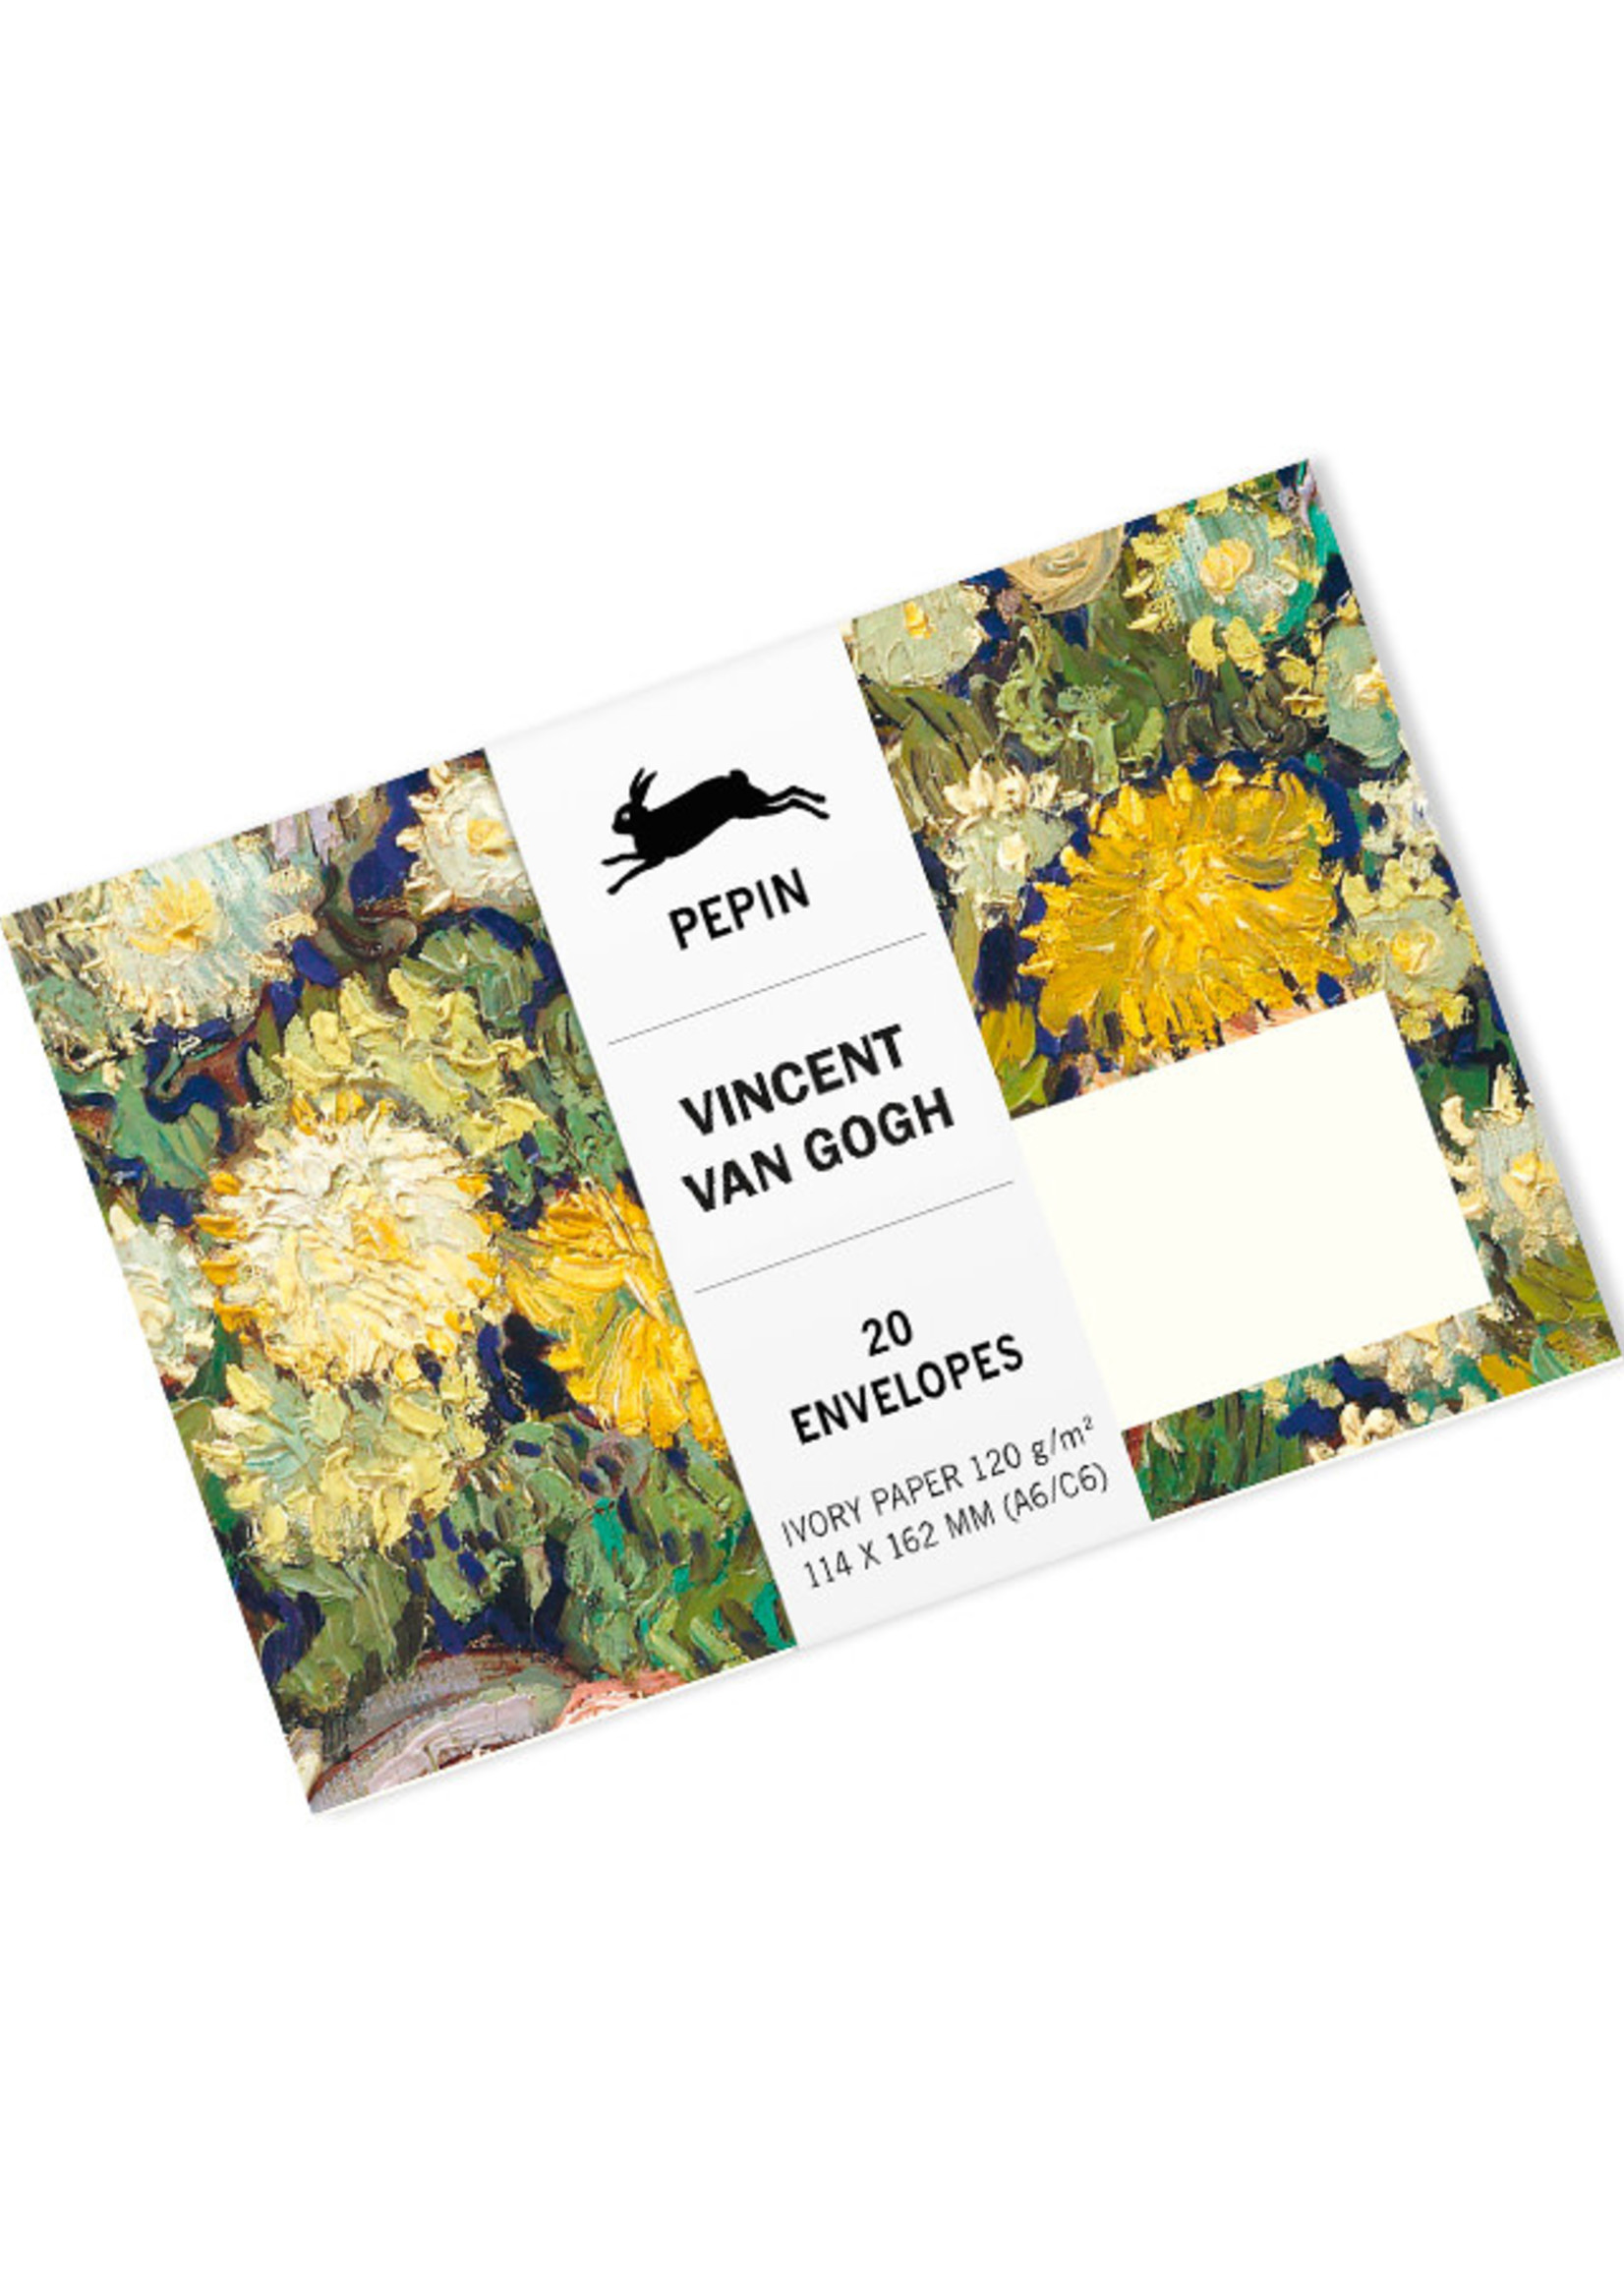 Pepin Press Enveloppen set van 20 stuks VINCENT VAN GOGH